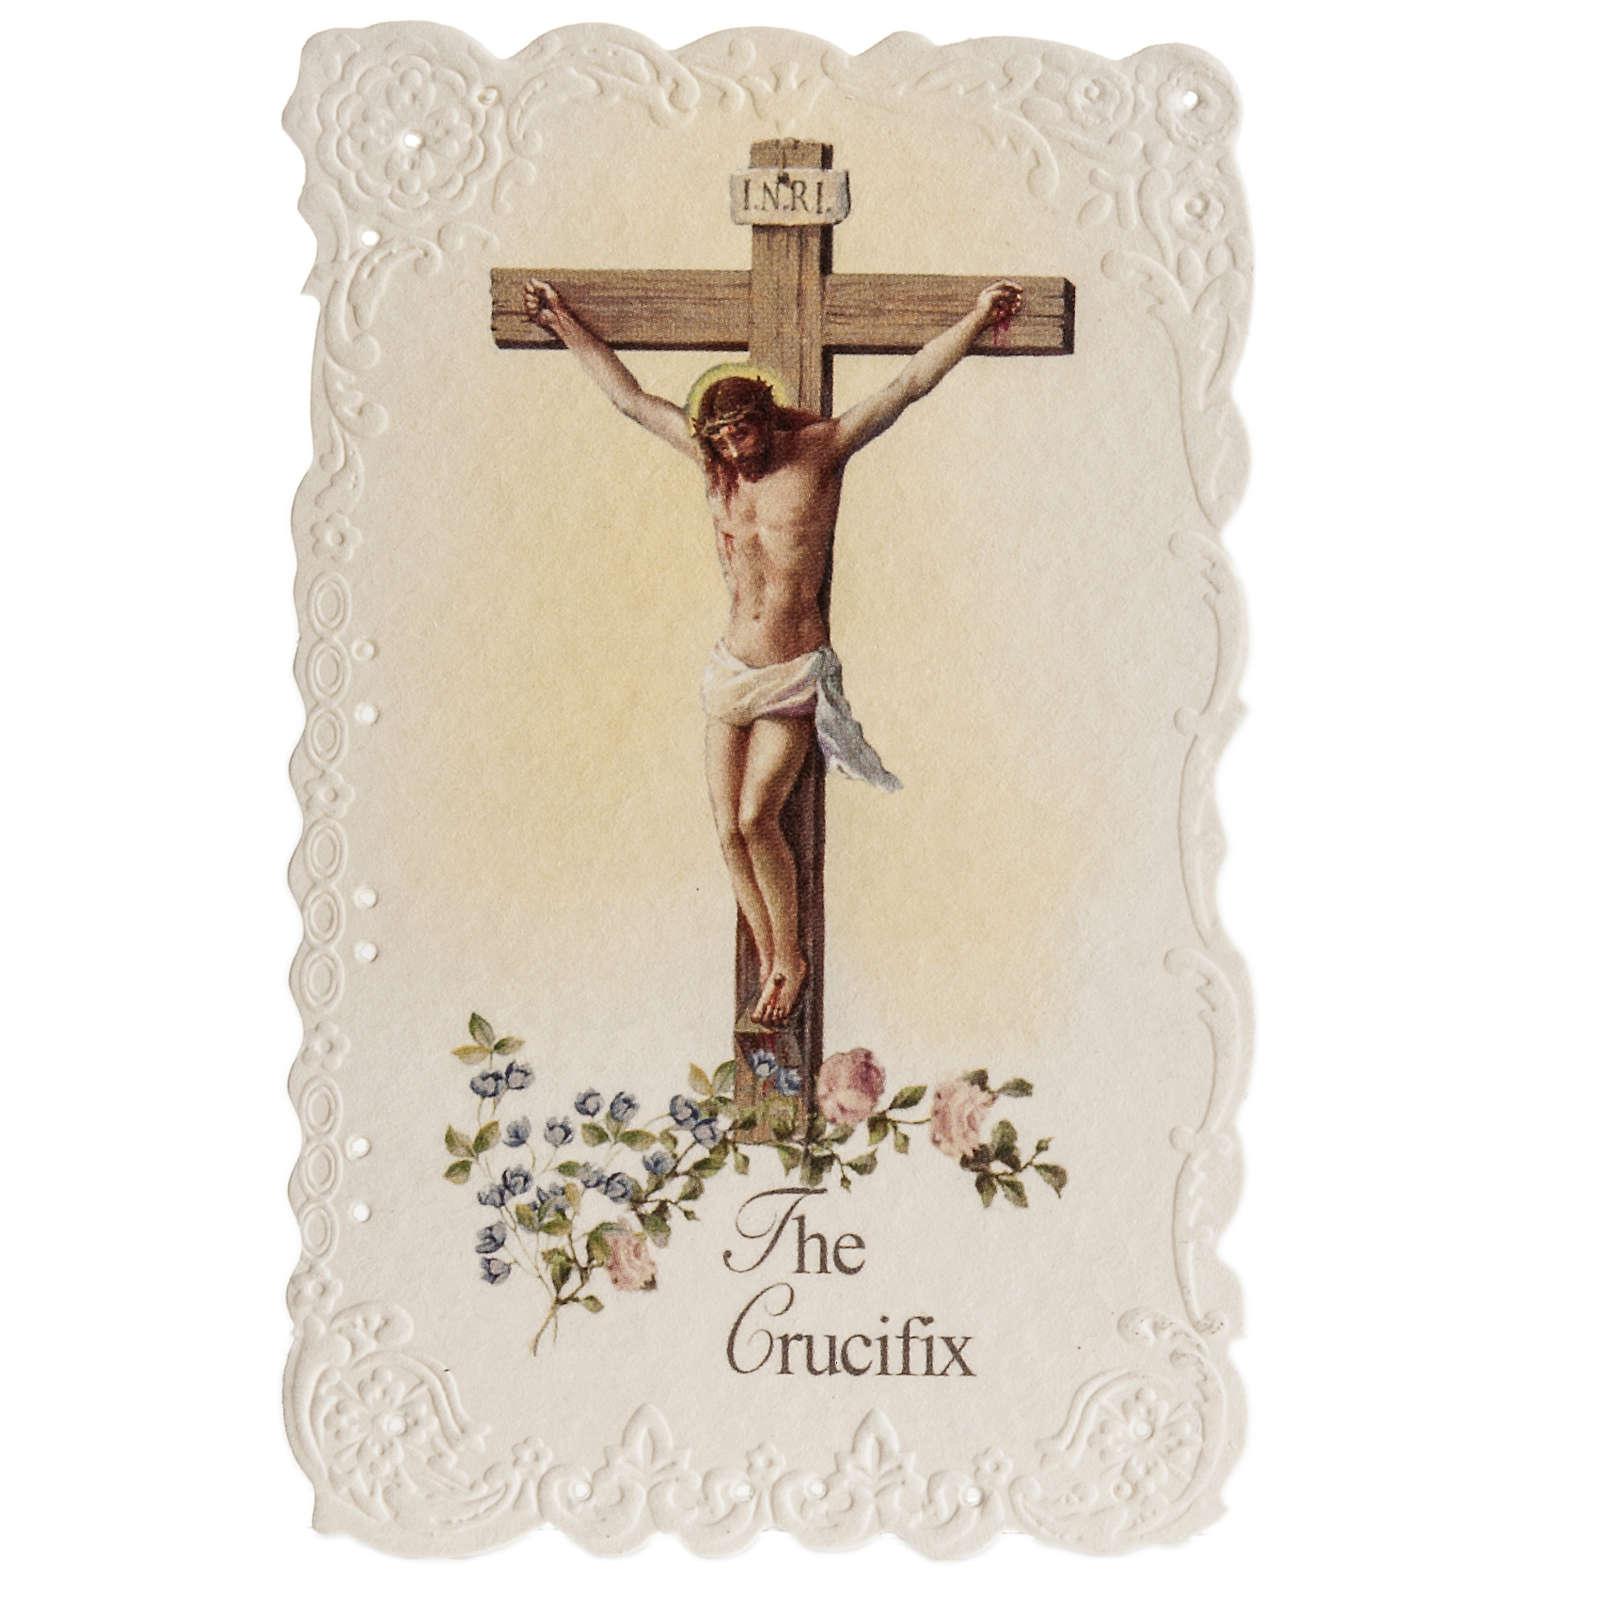 Estampa The Crucifix con oración (inglés) 4